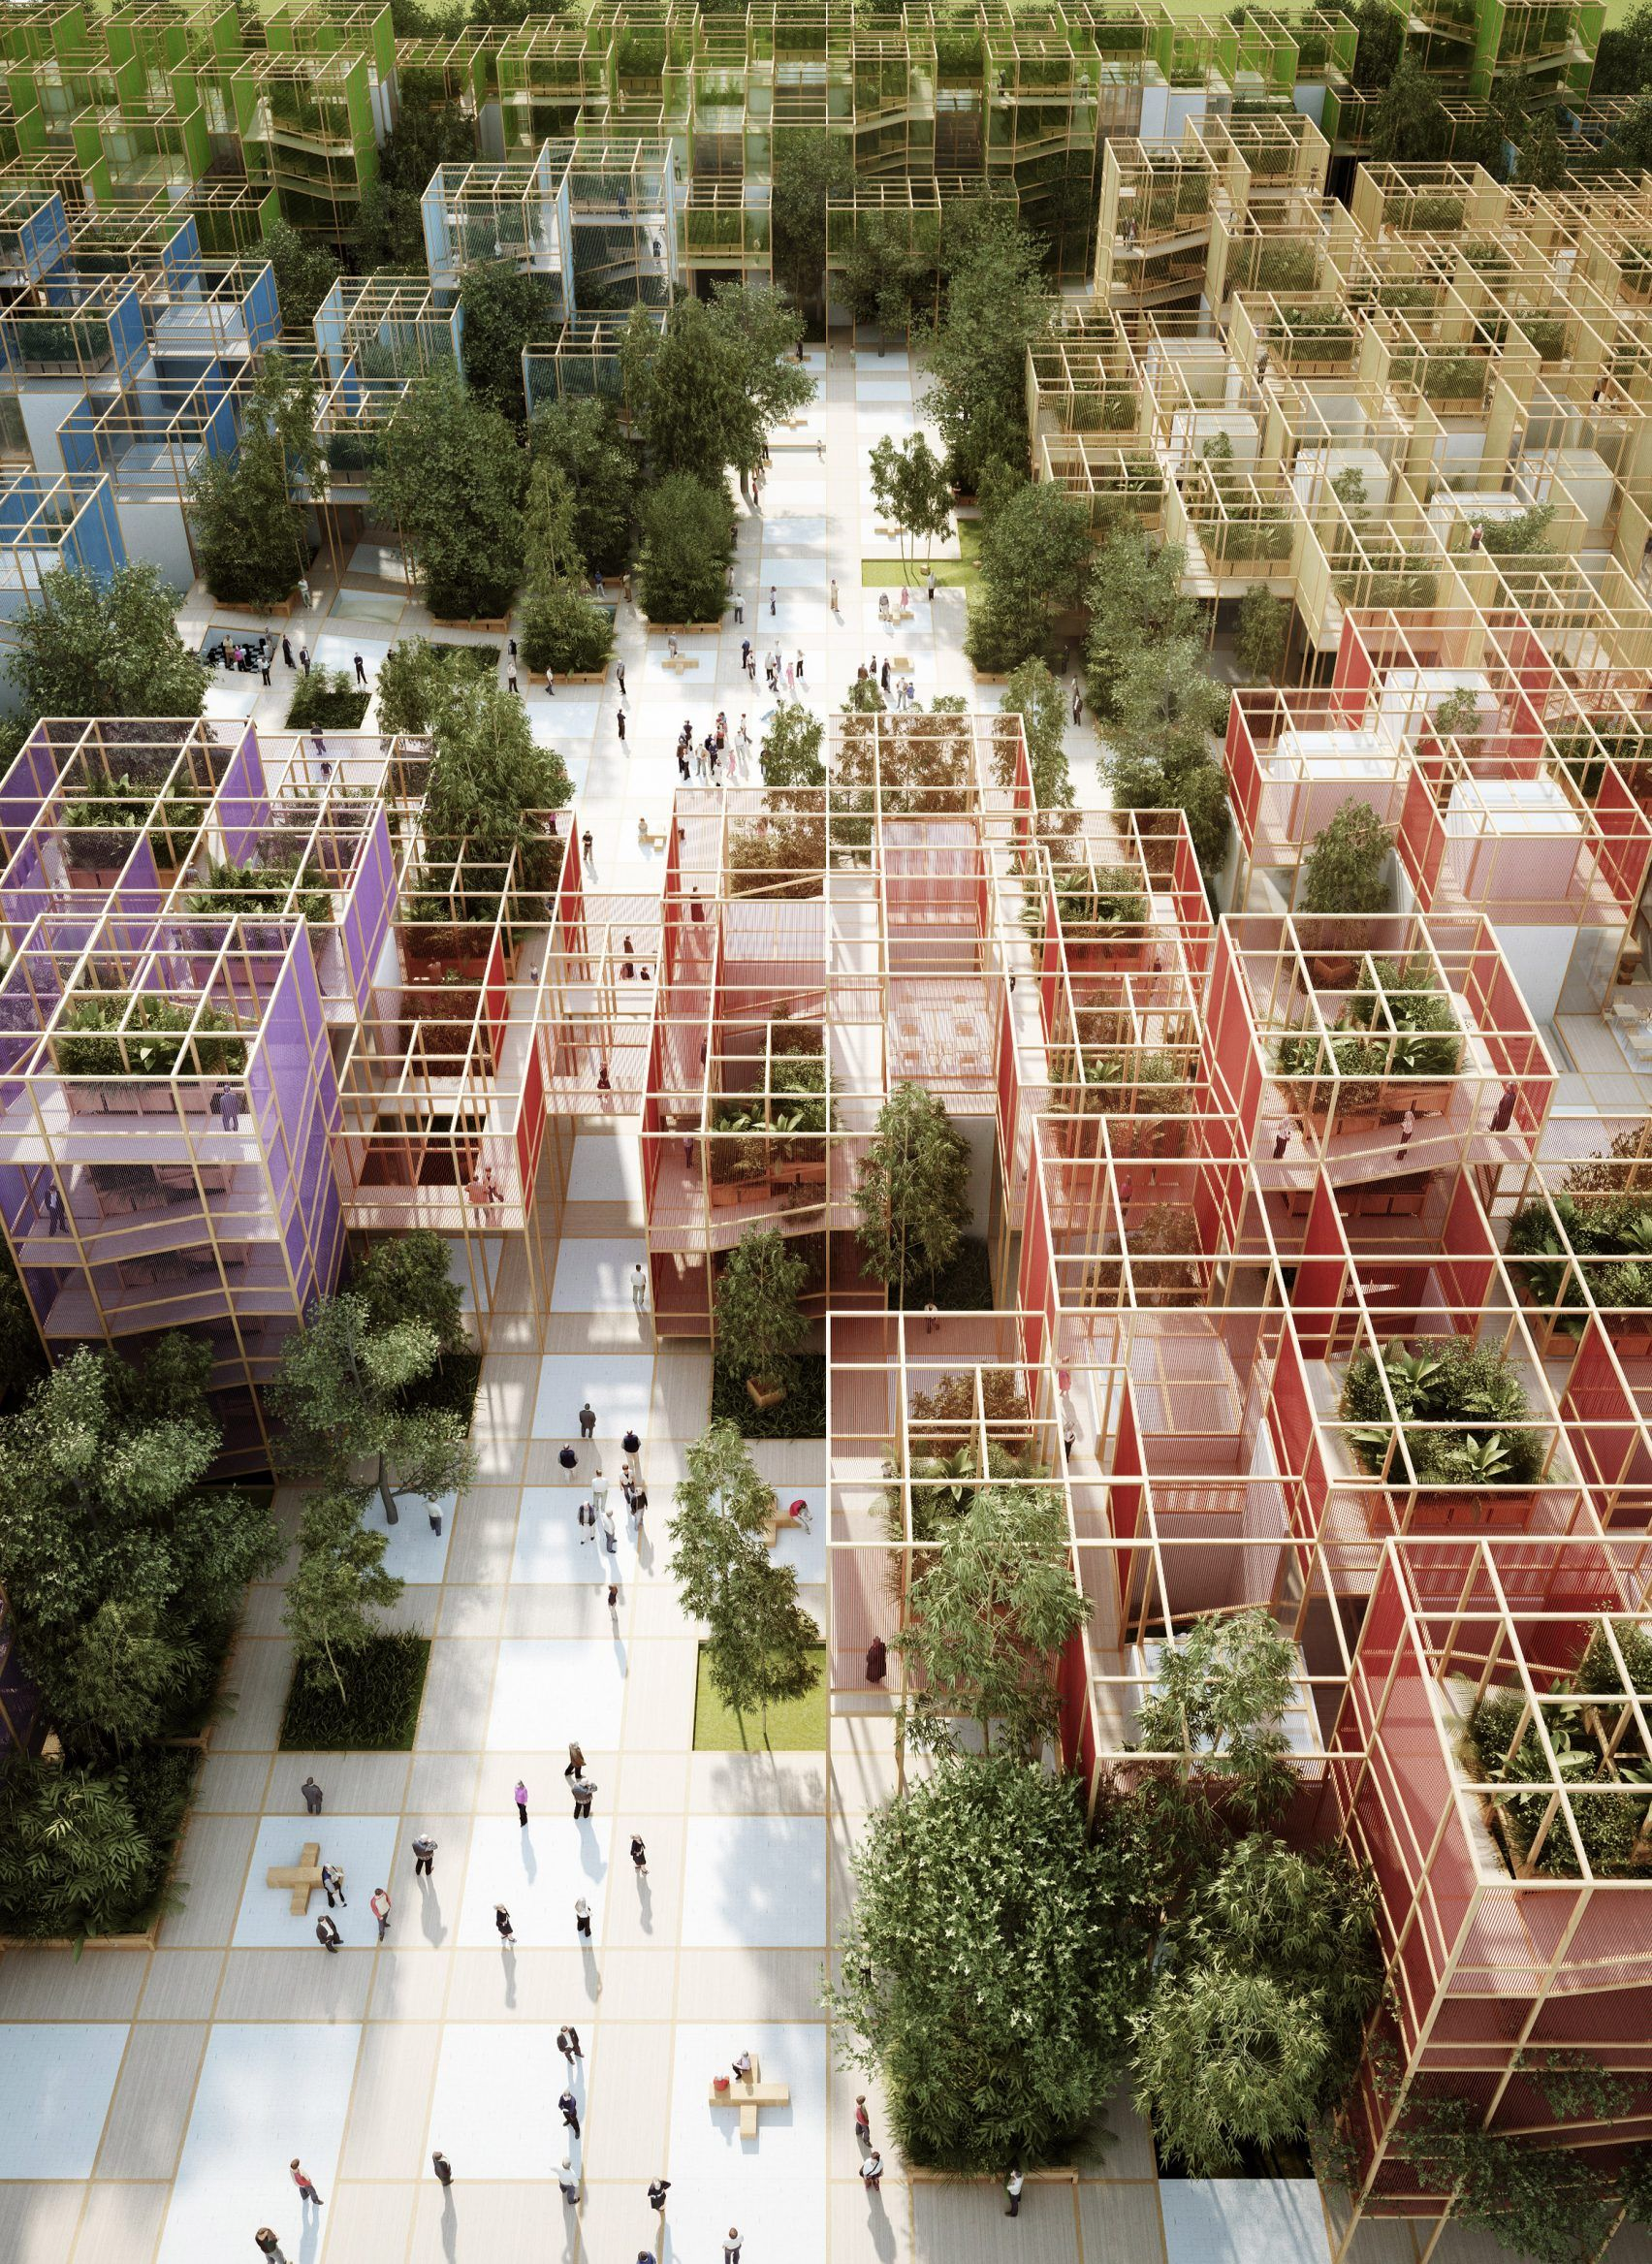 Penda designs modular wooden village for beijing - Maison familiale design a beijing en china par arch studio ...